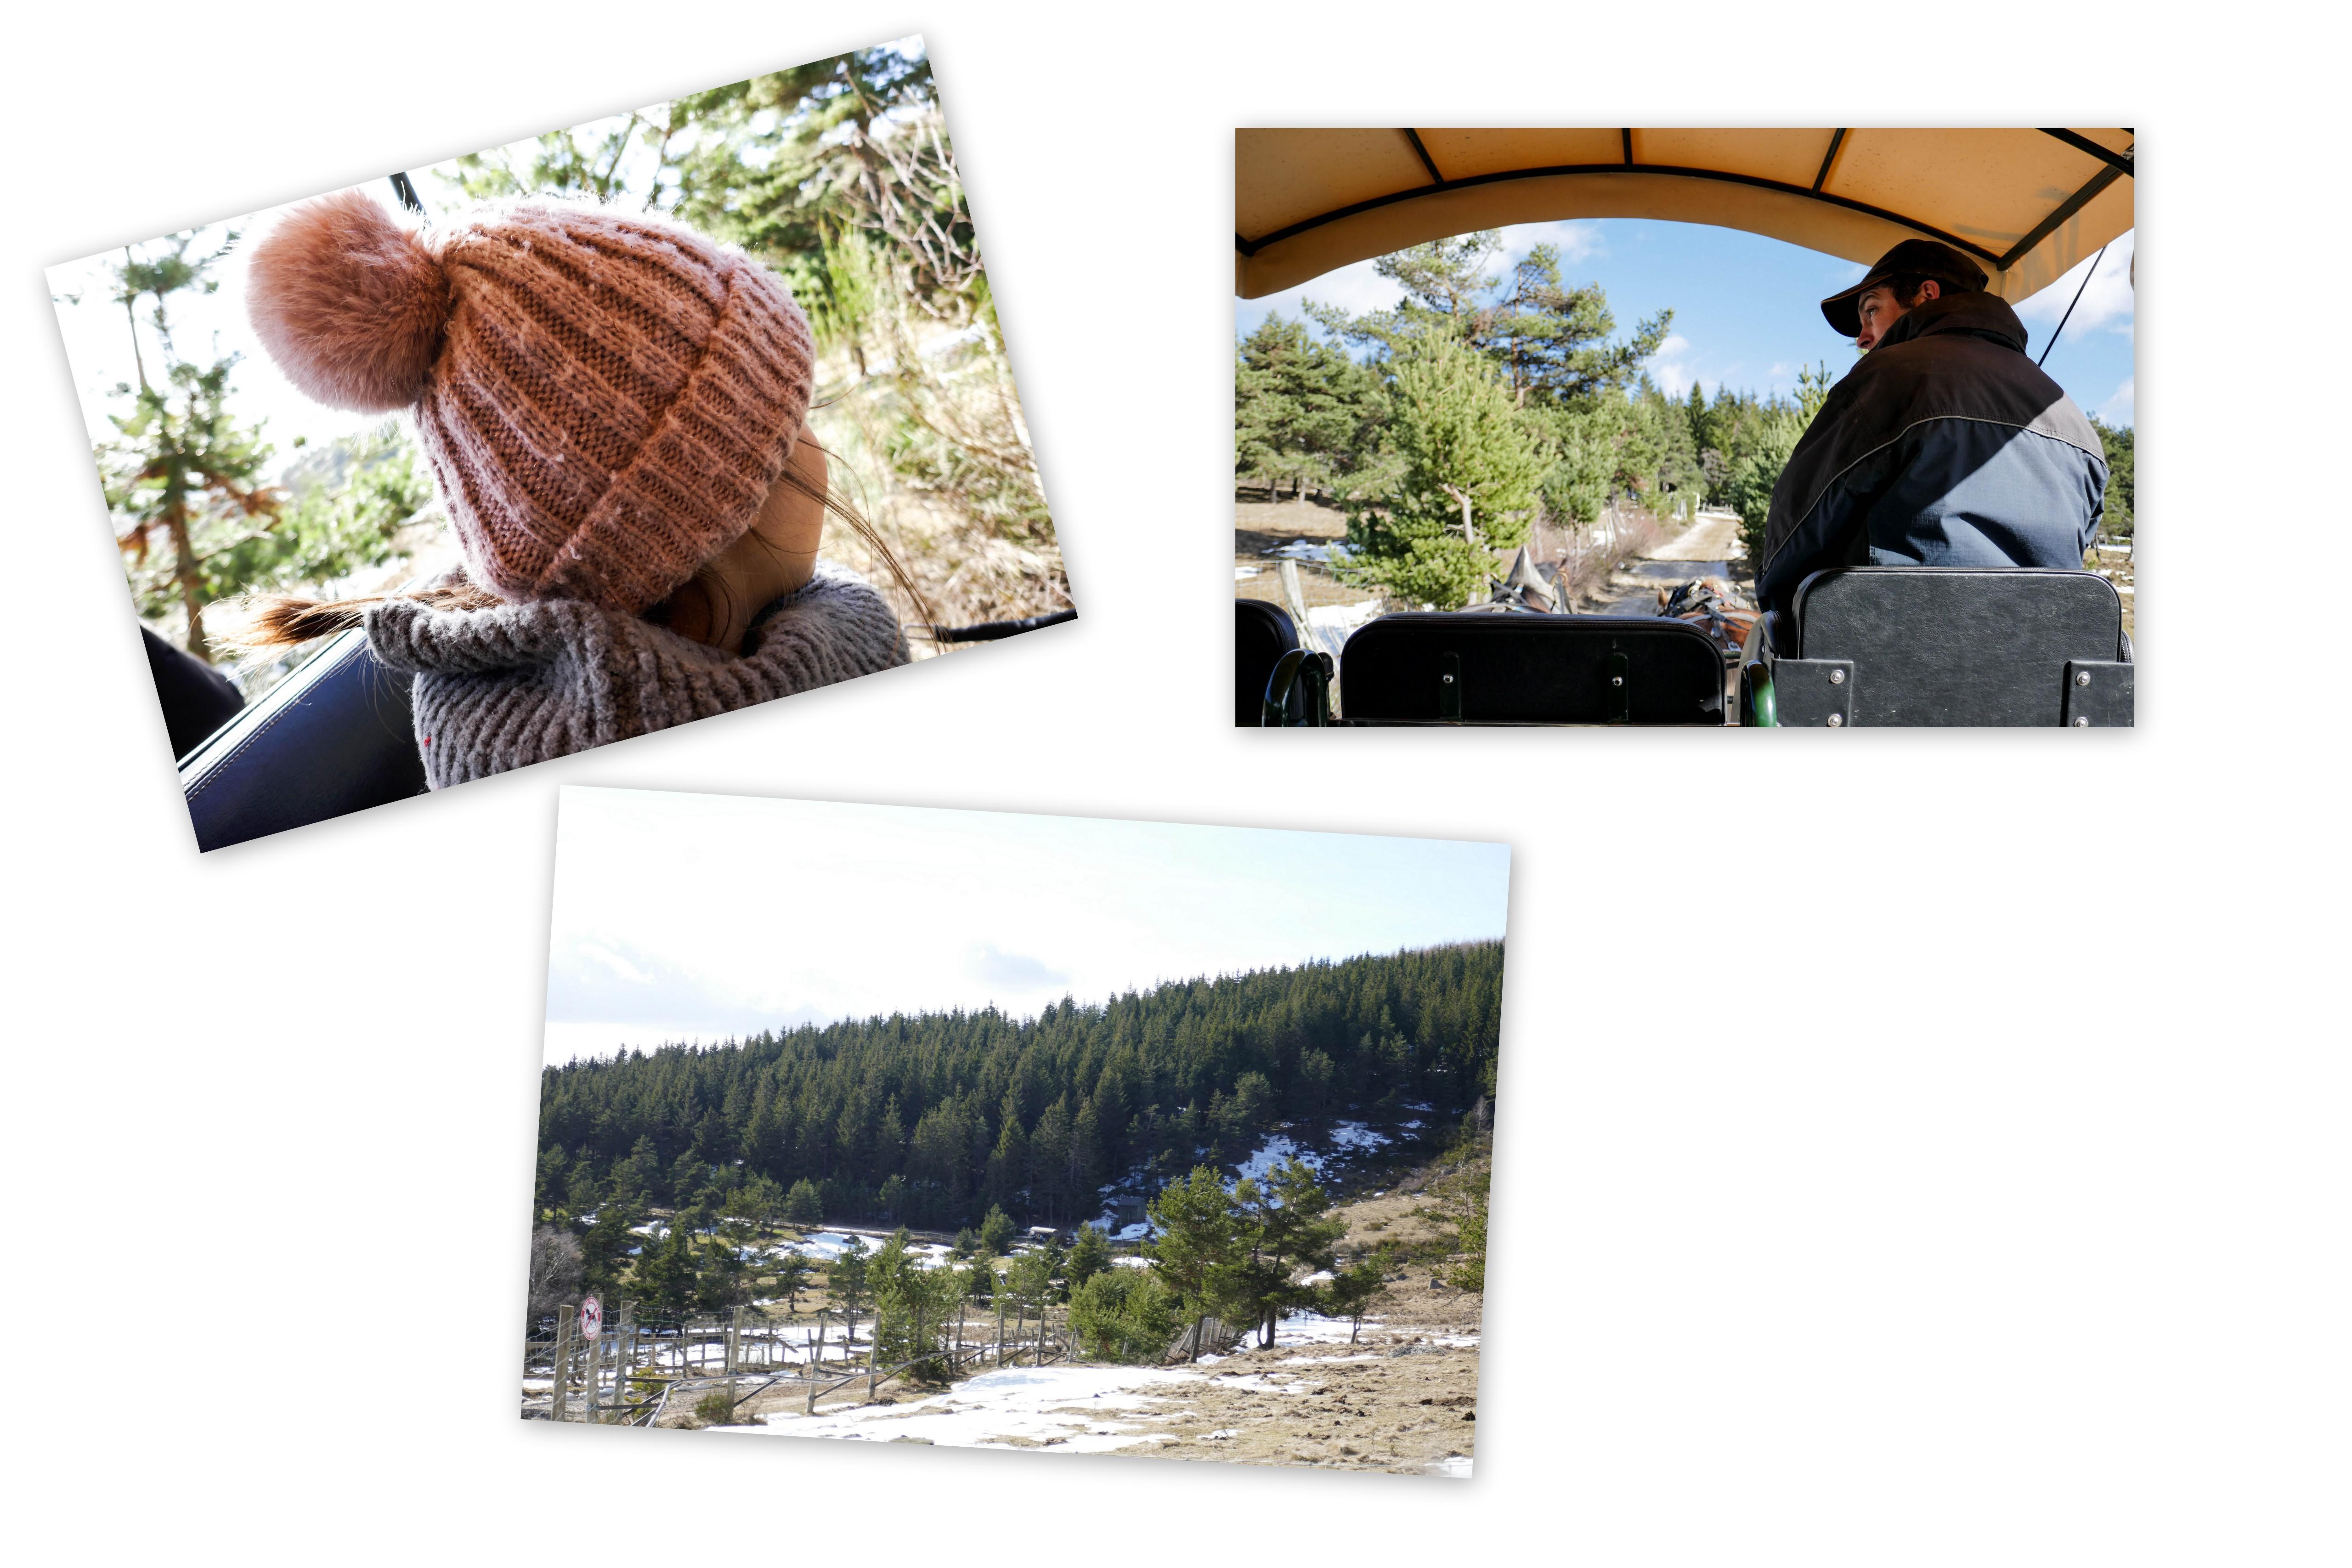 Réserve des Bisons d'europe Margeride - Lozère - Margeride